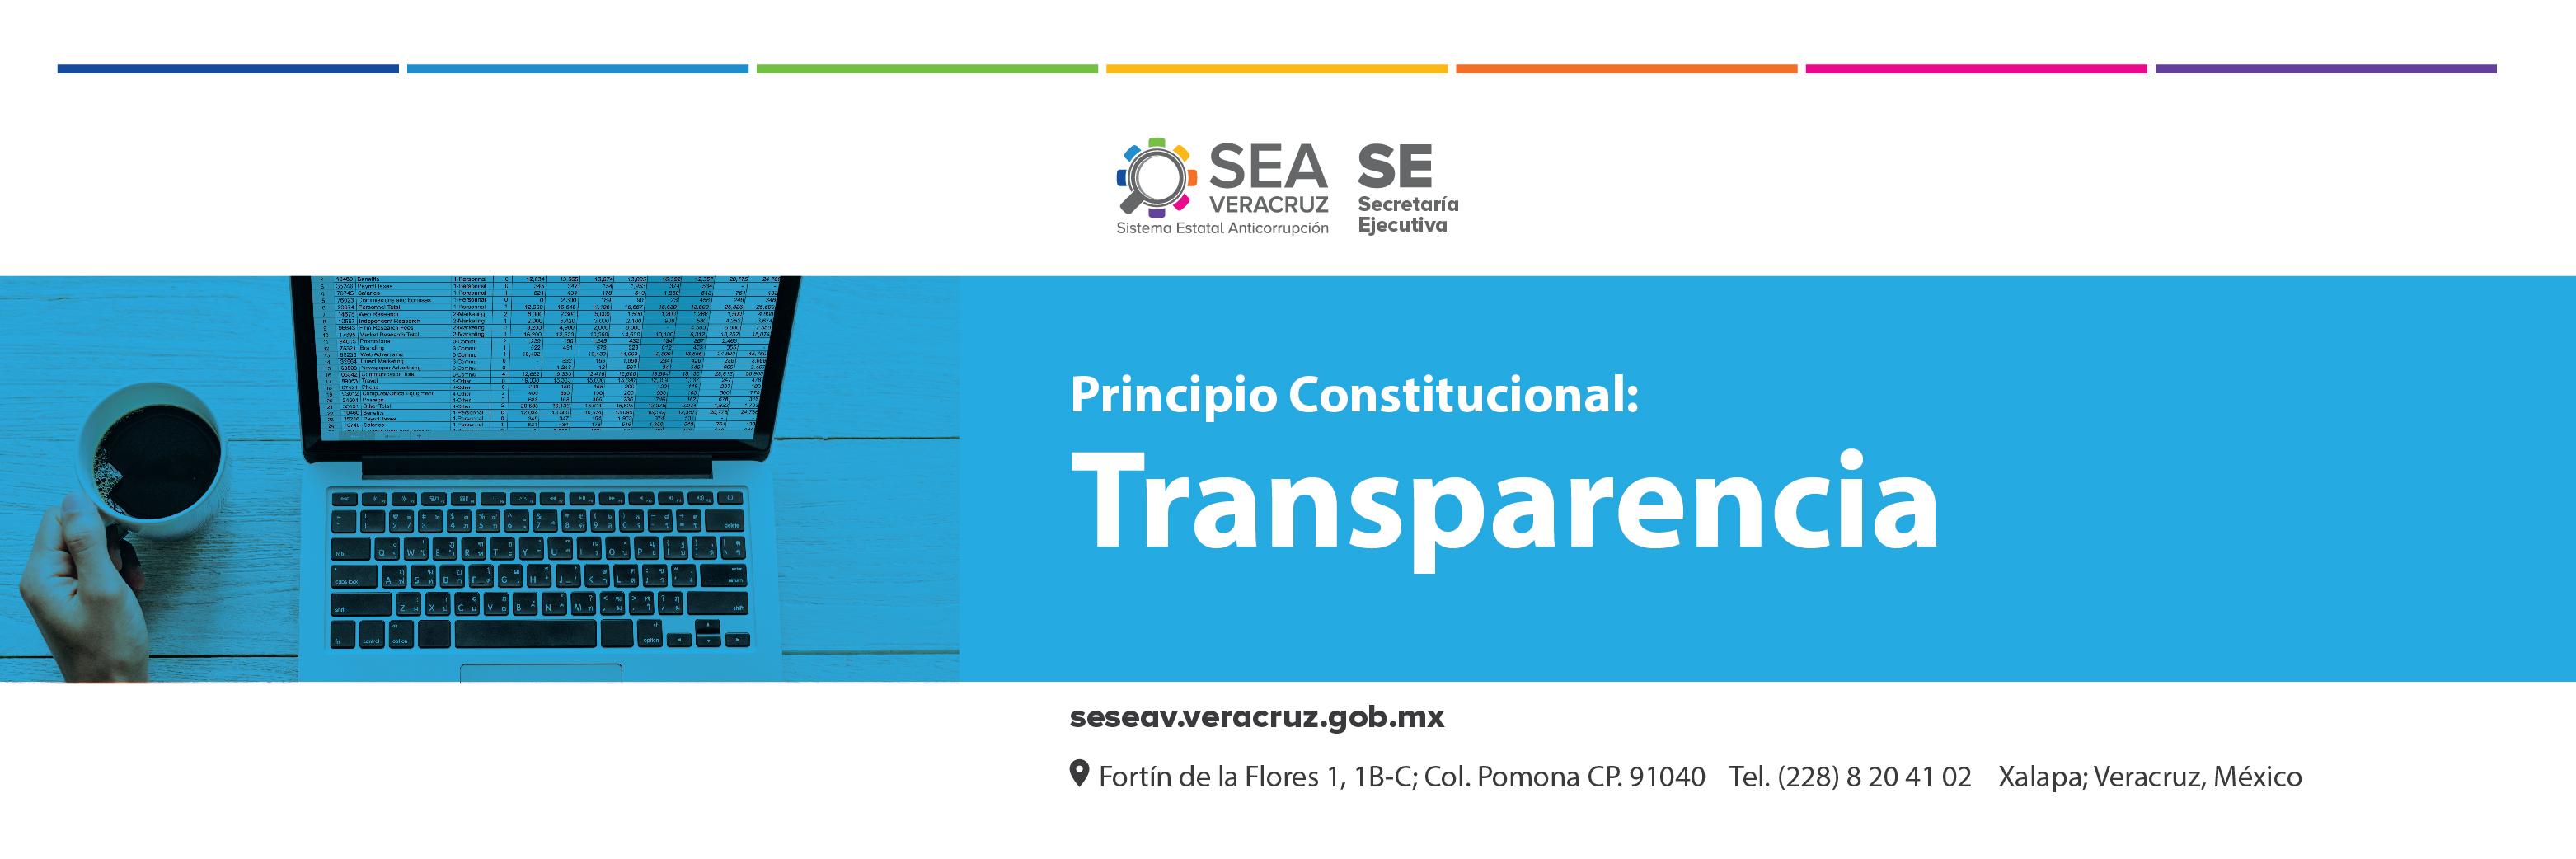 SESEAV-SLDR-PRINCIPIOCONSTITUCIONAL-TRANSPARENCIA-01